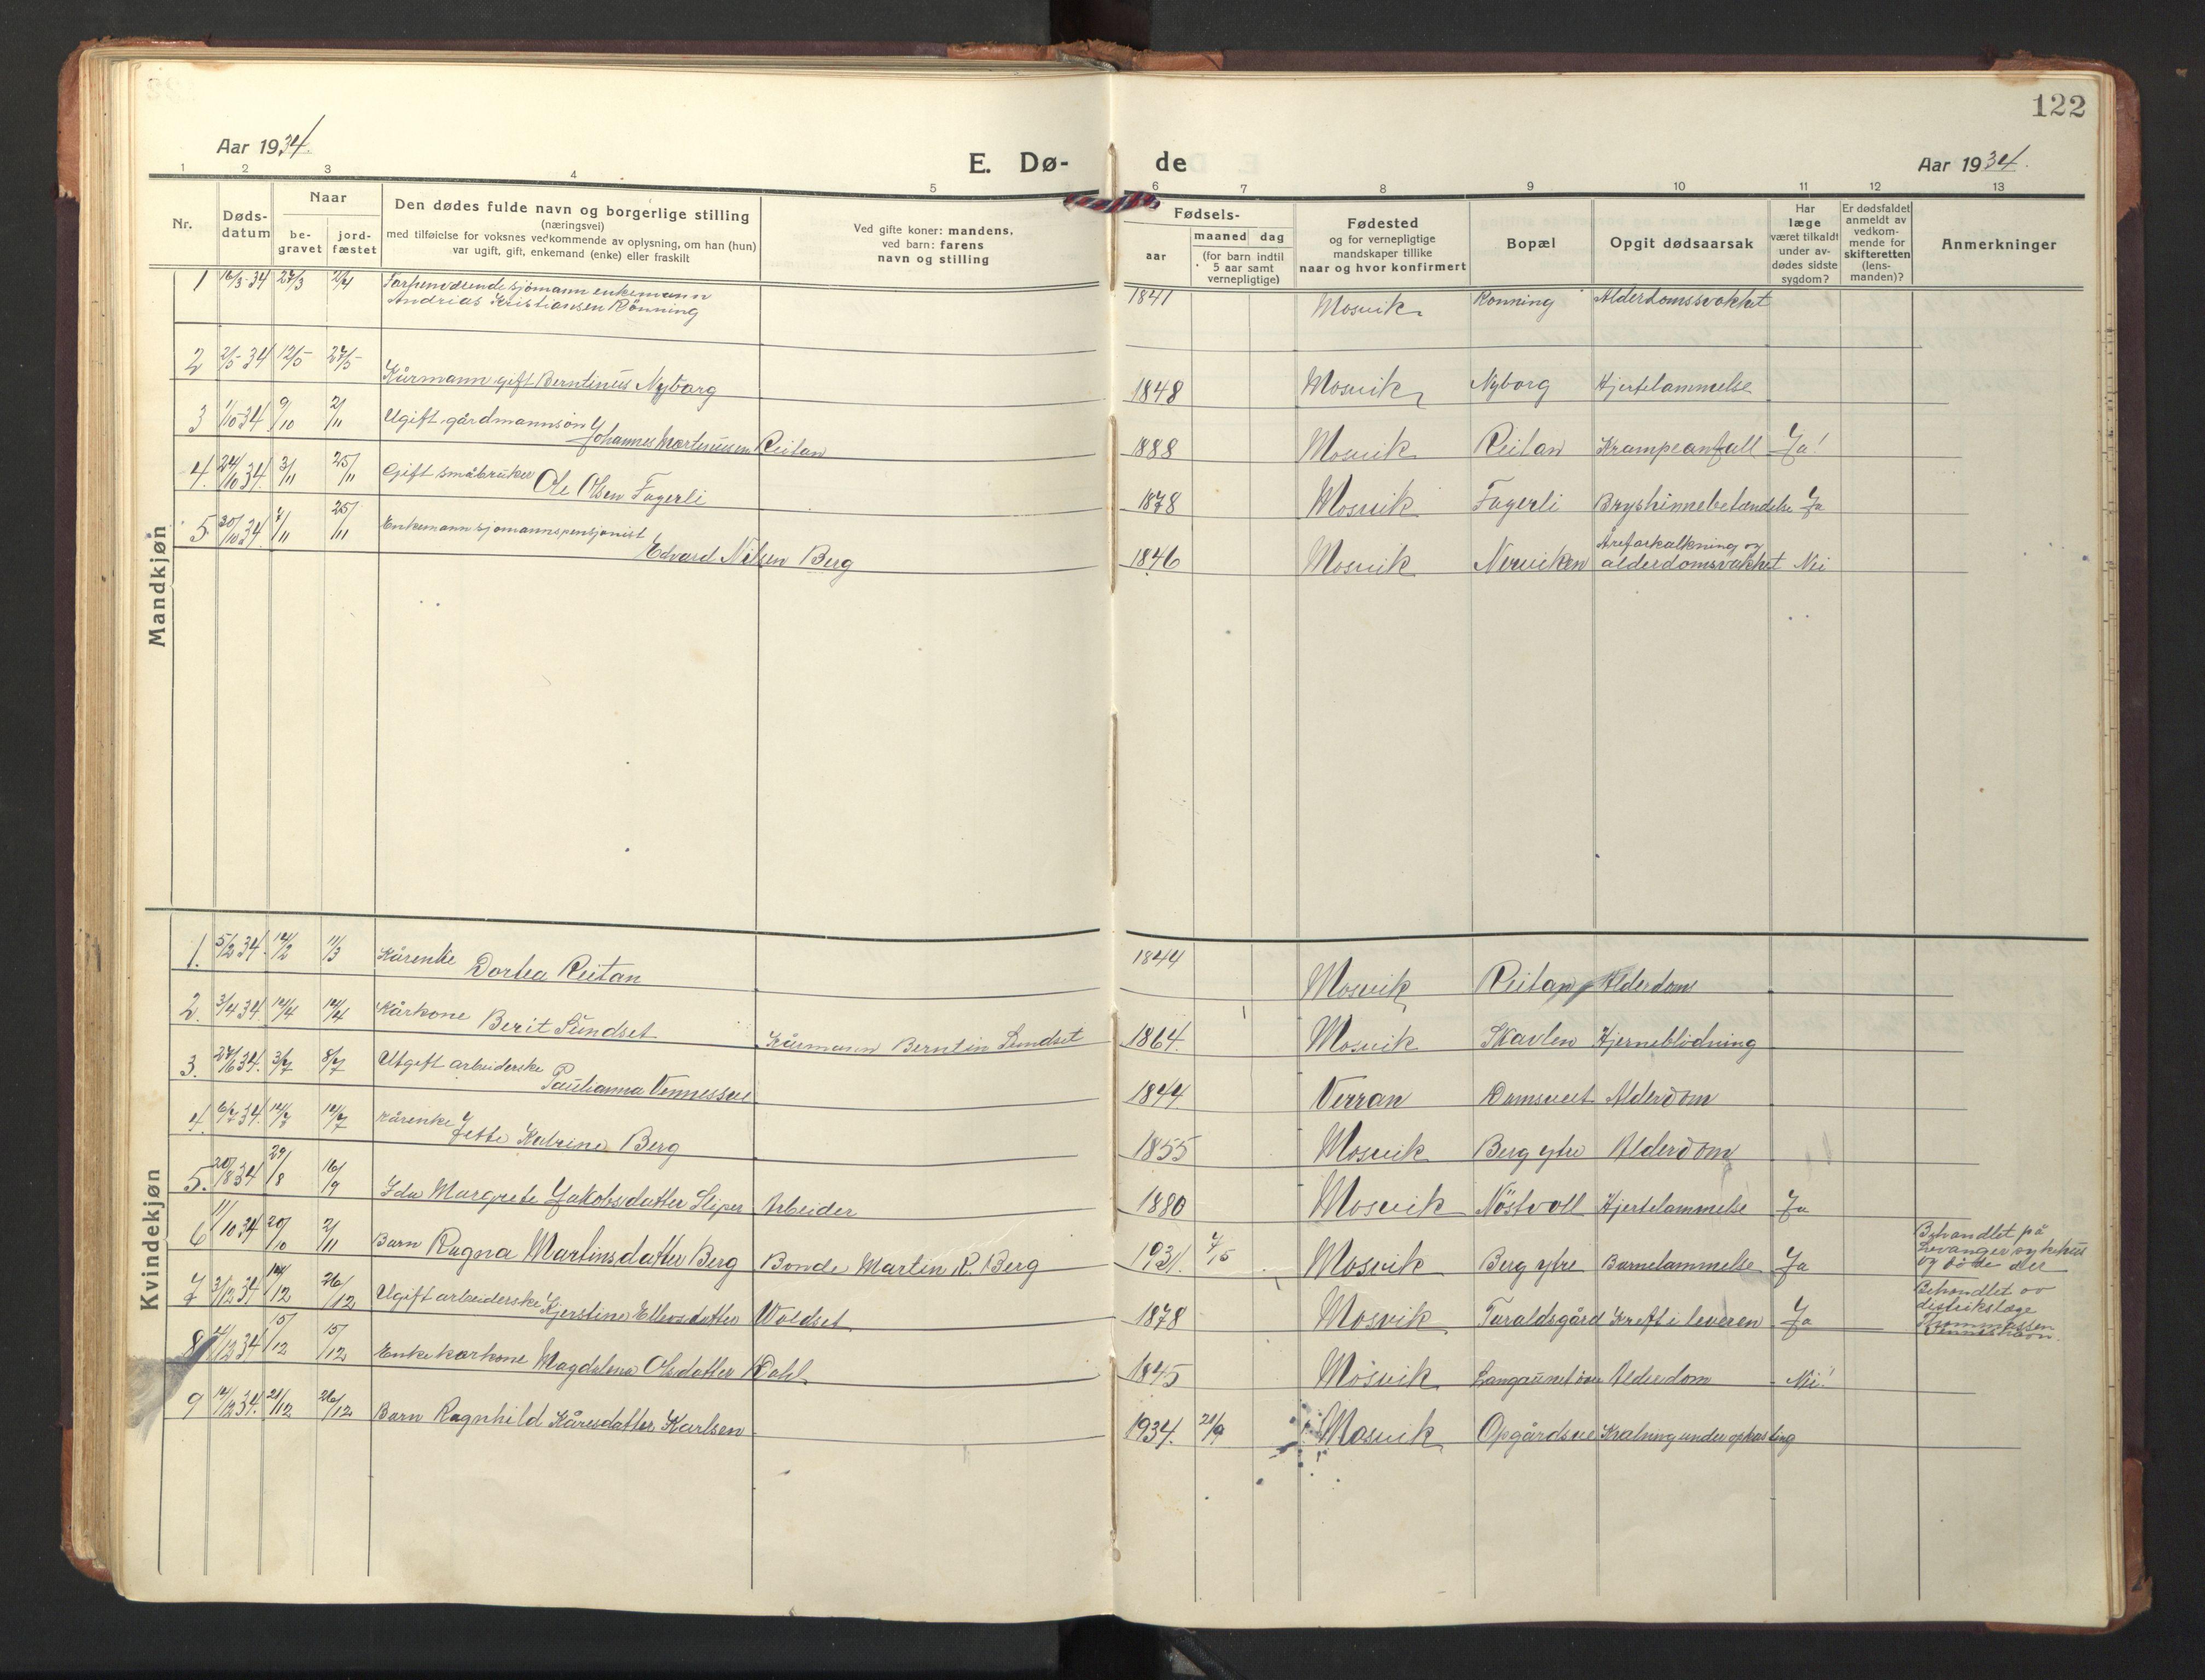 SAT, Ministerialprotokoller, klokkerbøker og fødselsregistre - Nord-Trøndelag, 733/L0328: Klokkerbok nr. 733C03, 1919-1966, s. 122